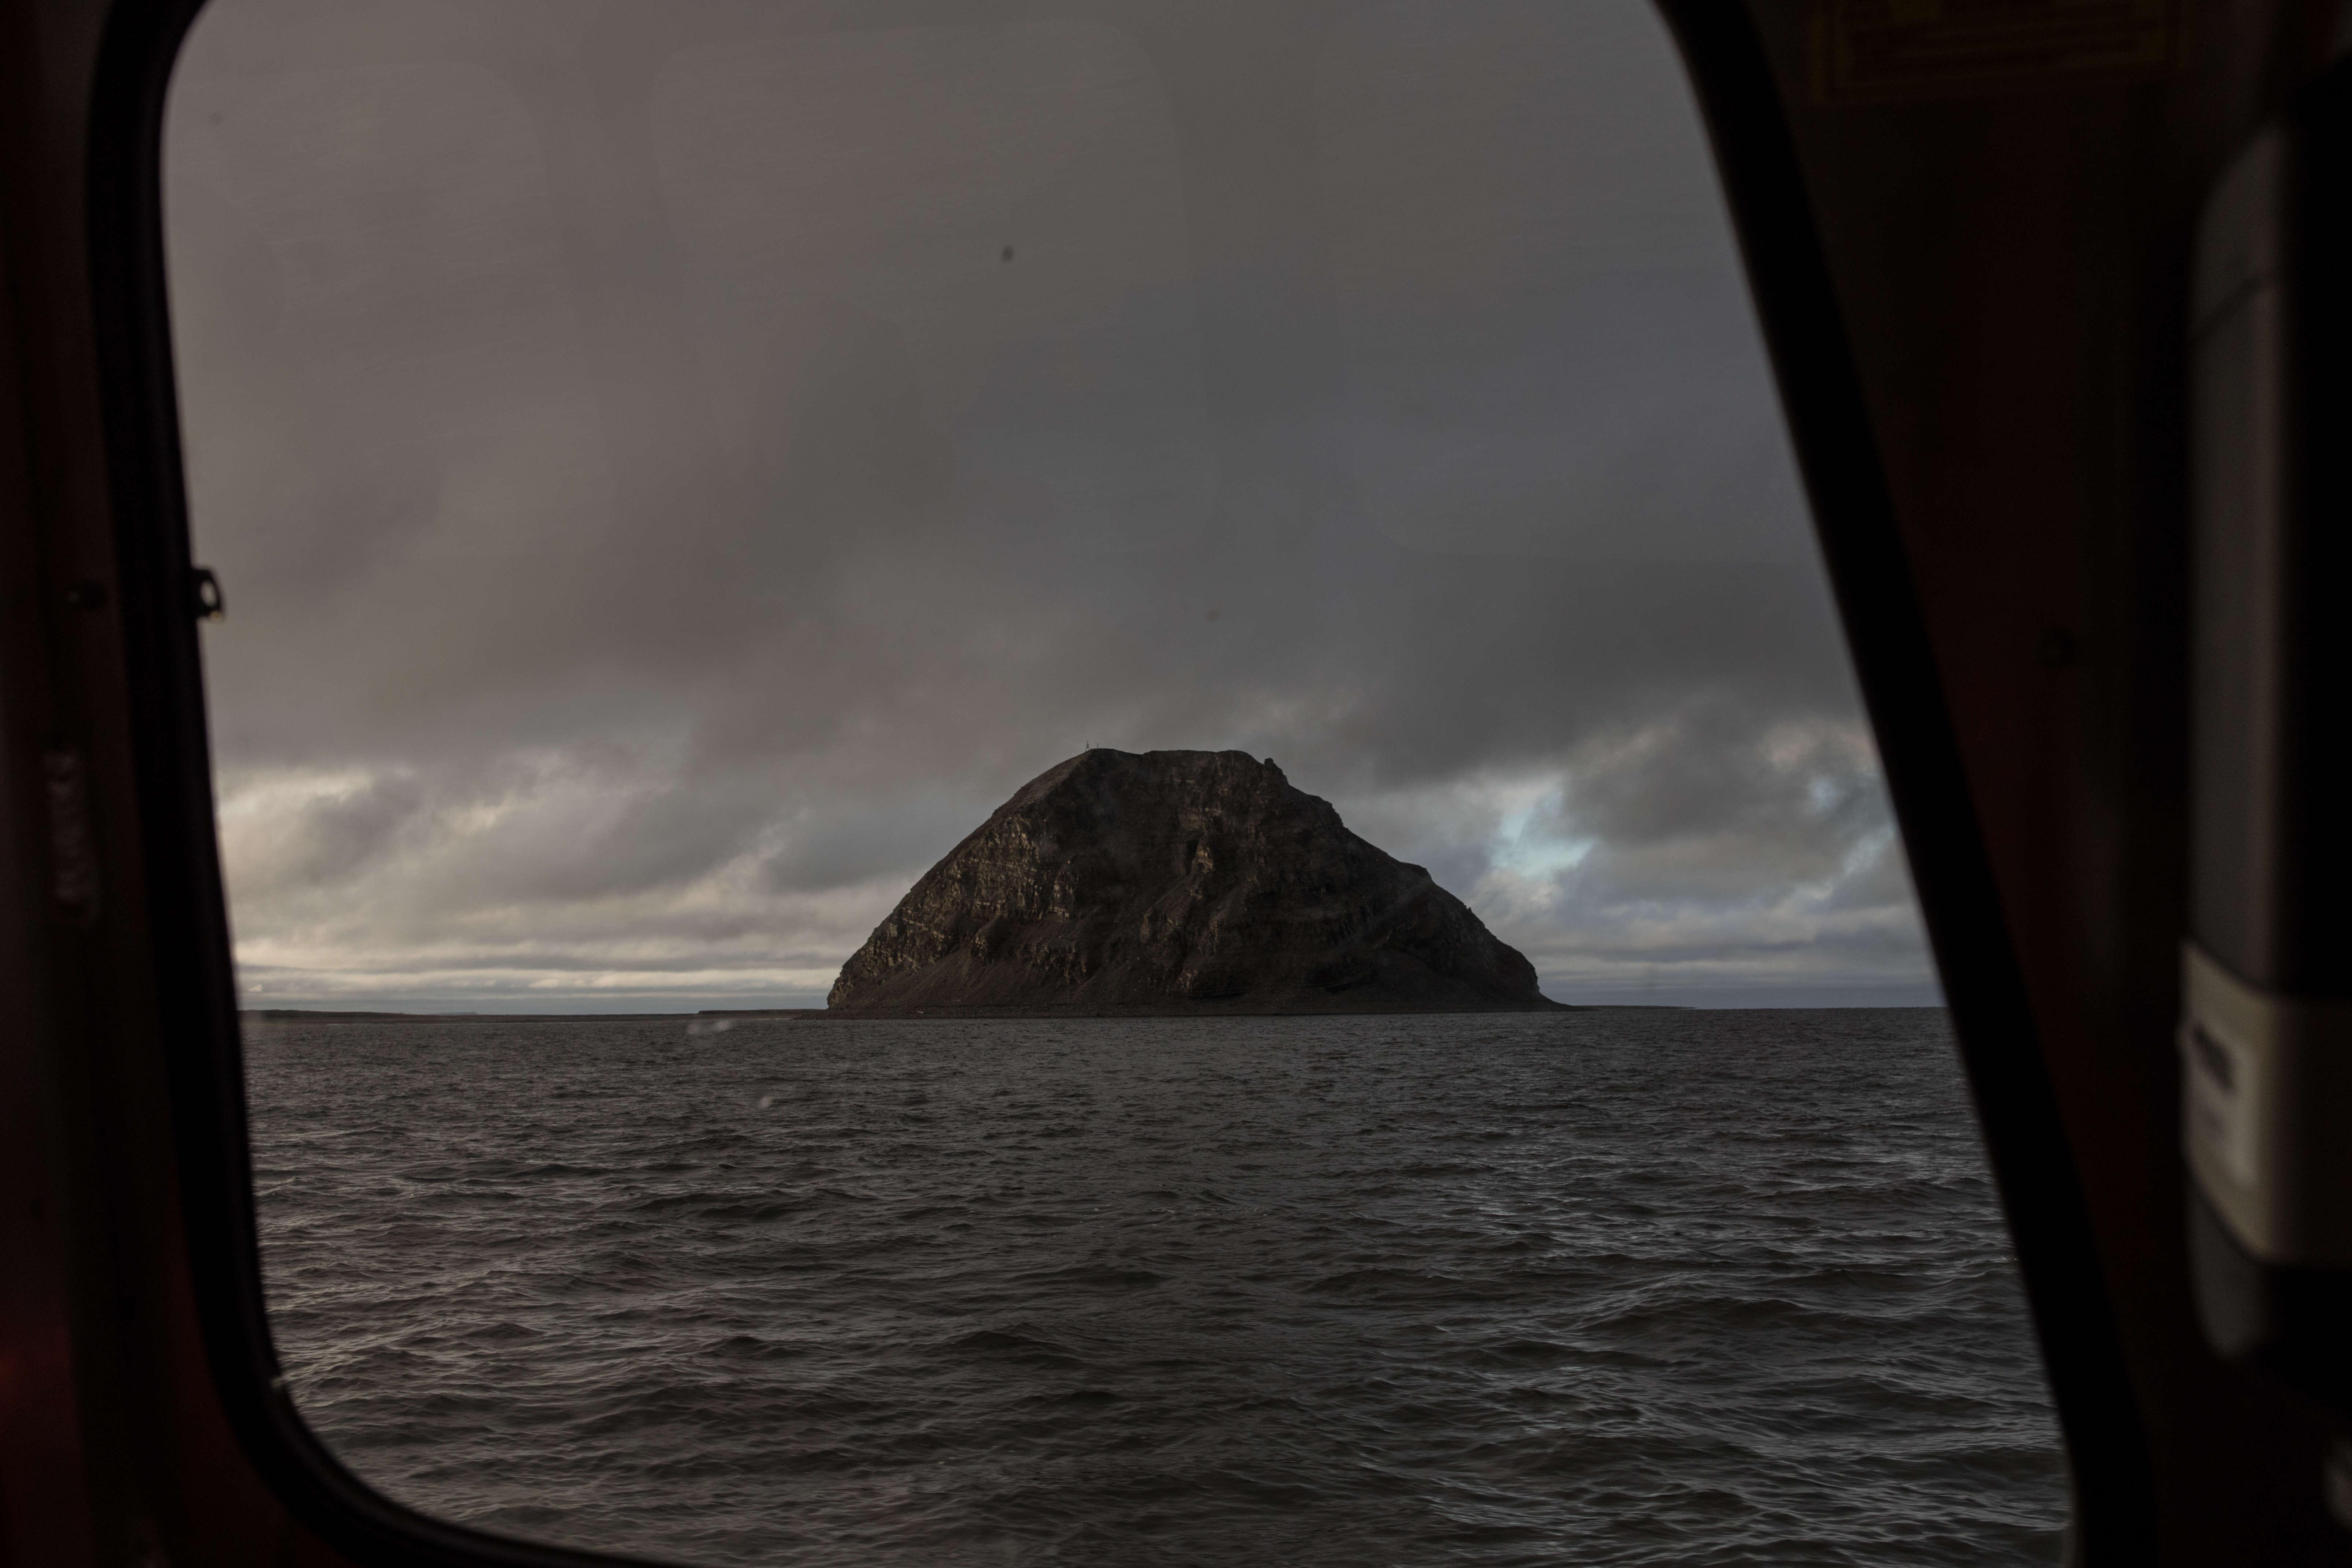 Avant de se jeter dans la mer des Laptev, le fleuve Lena forme un gigantesque delta de 1500îles. Elles sont presque toute inhabitées, comme le caillou de l'île Stolbovoï. L'îlot voisin de Samoïlov, en revanche, abrite une station de recherche russe.